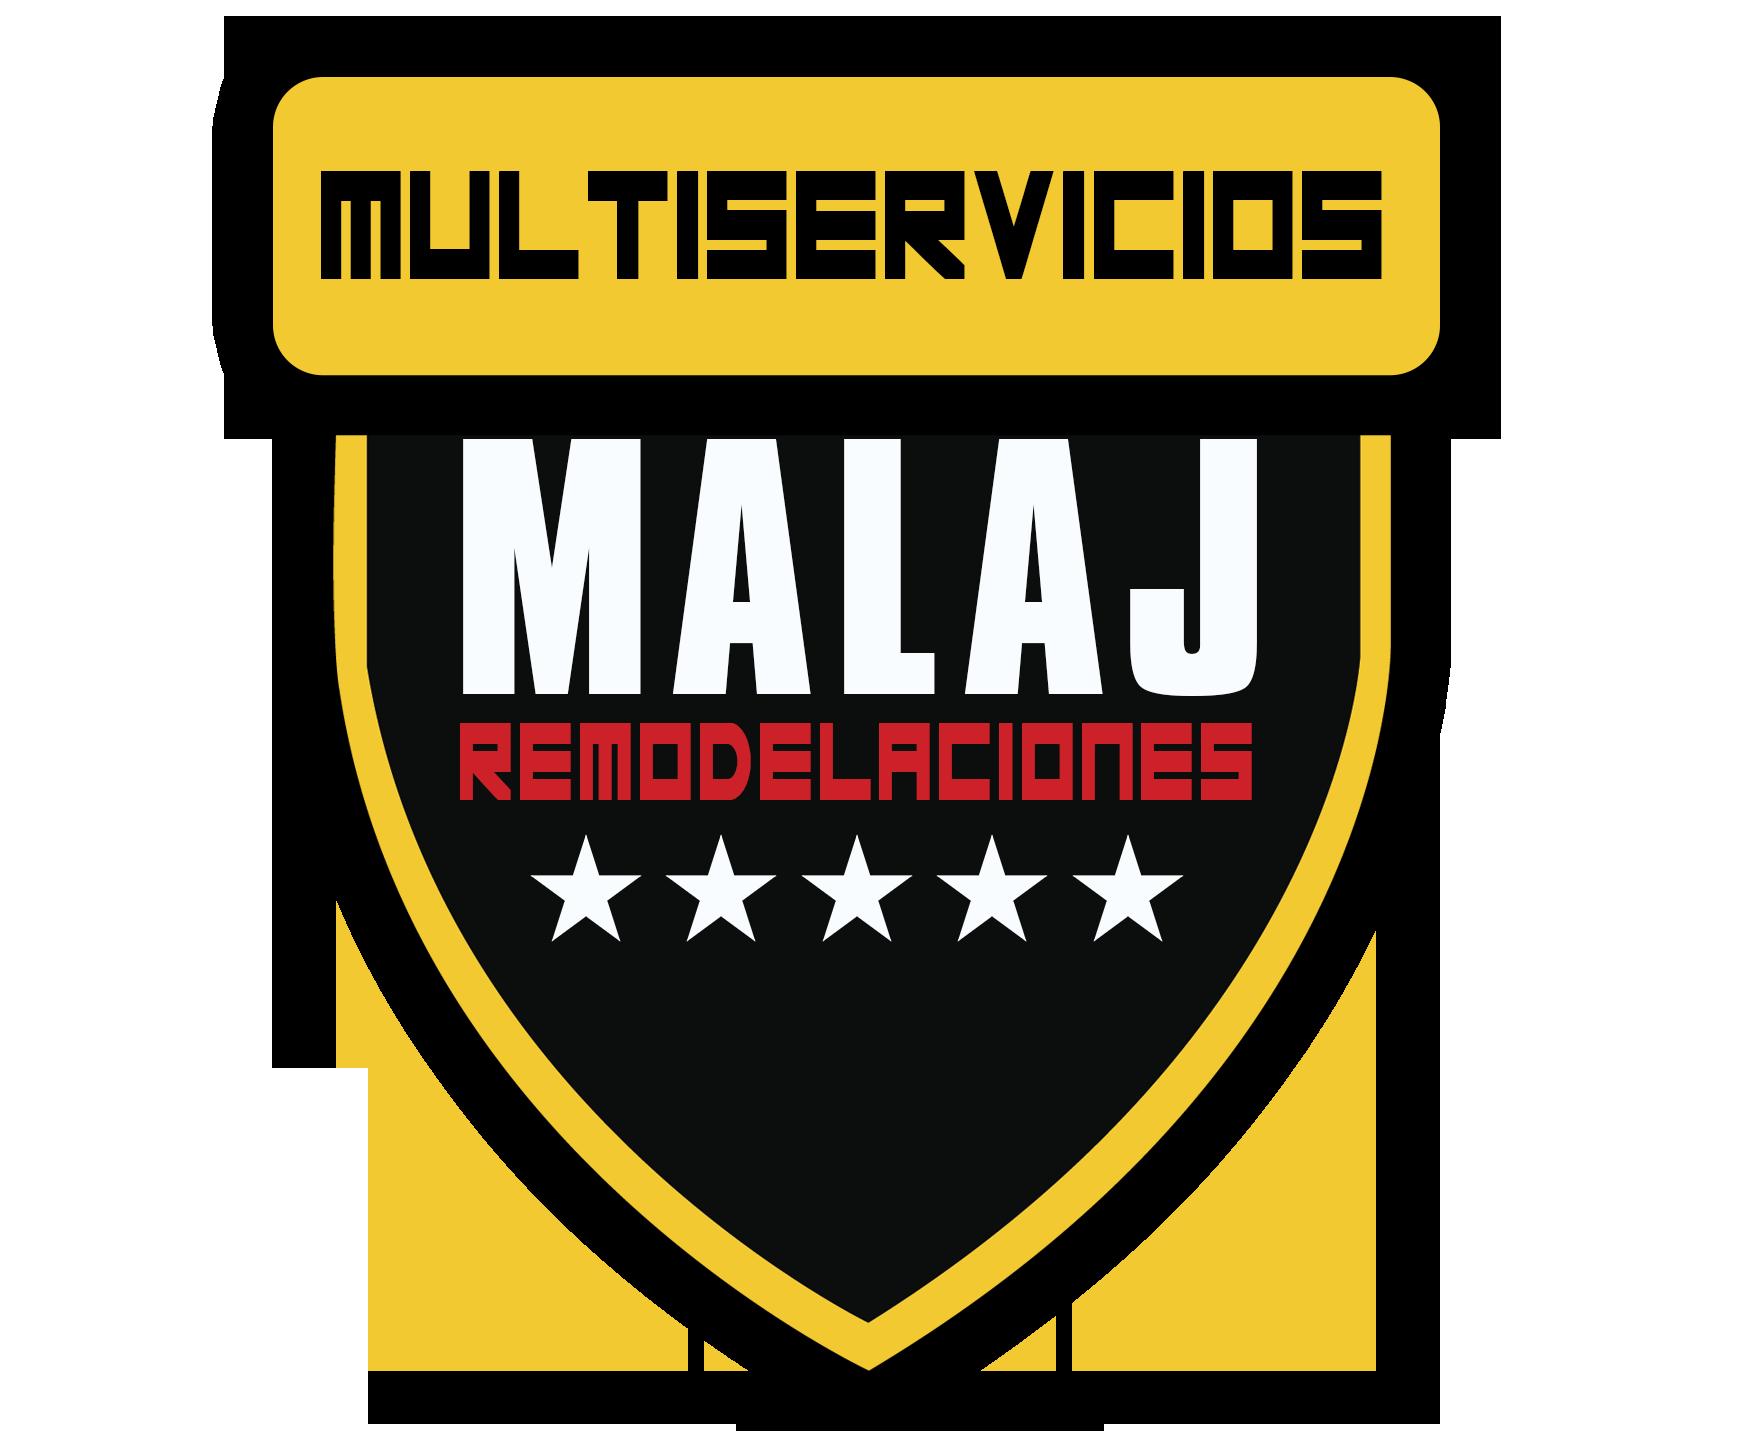 Multiservicios Malaj